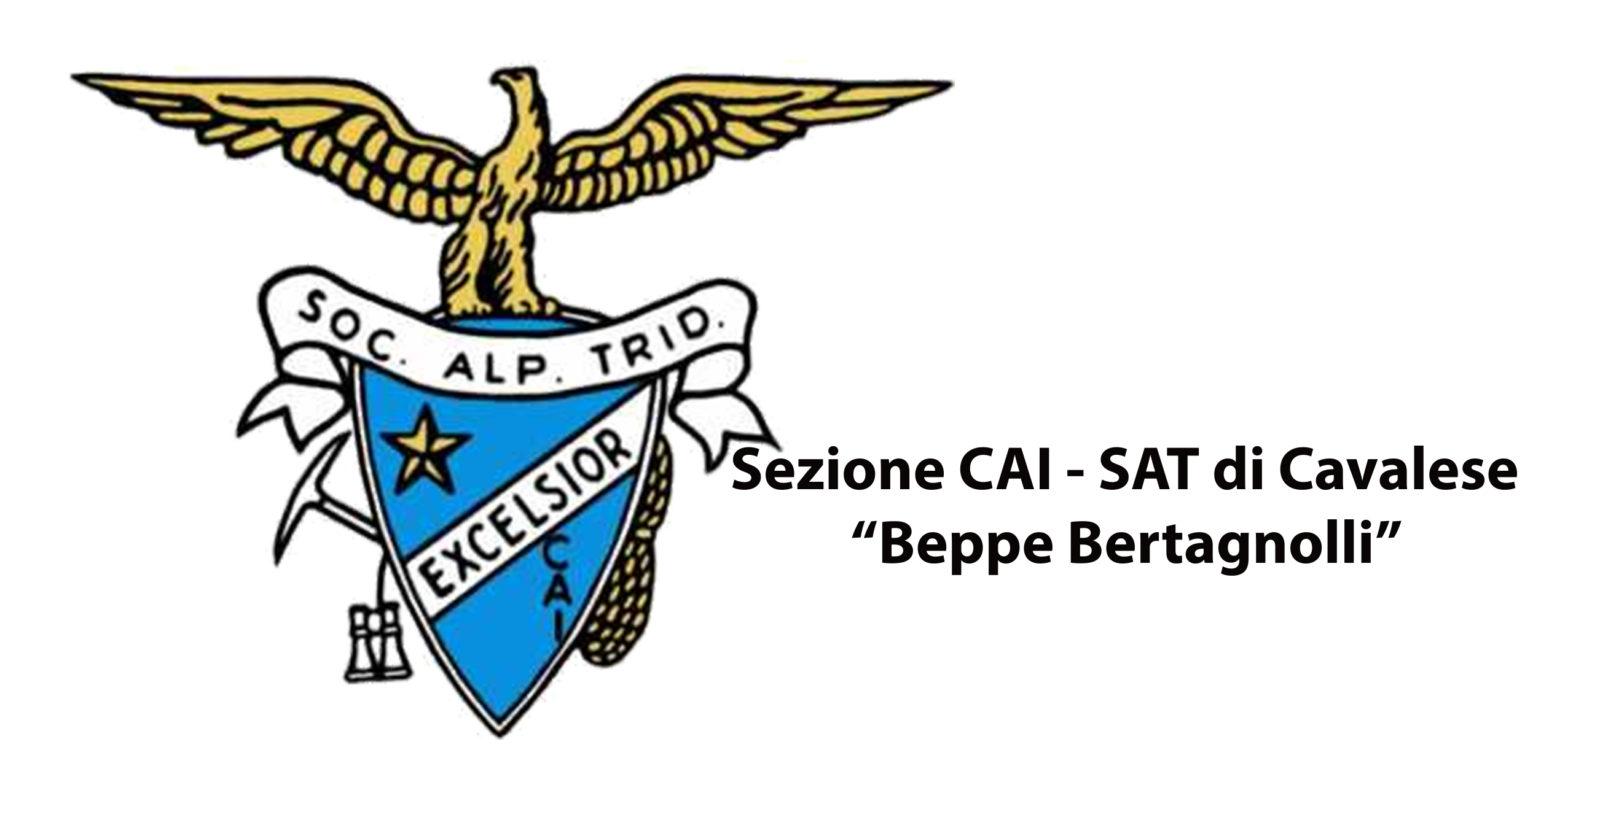 S.A.T. sezione di Cavalese Retina Logo